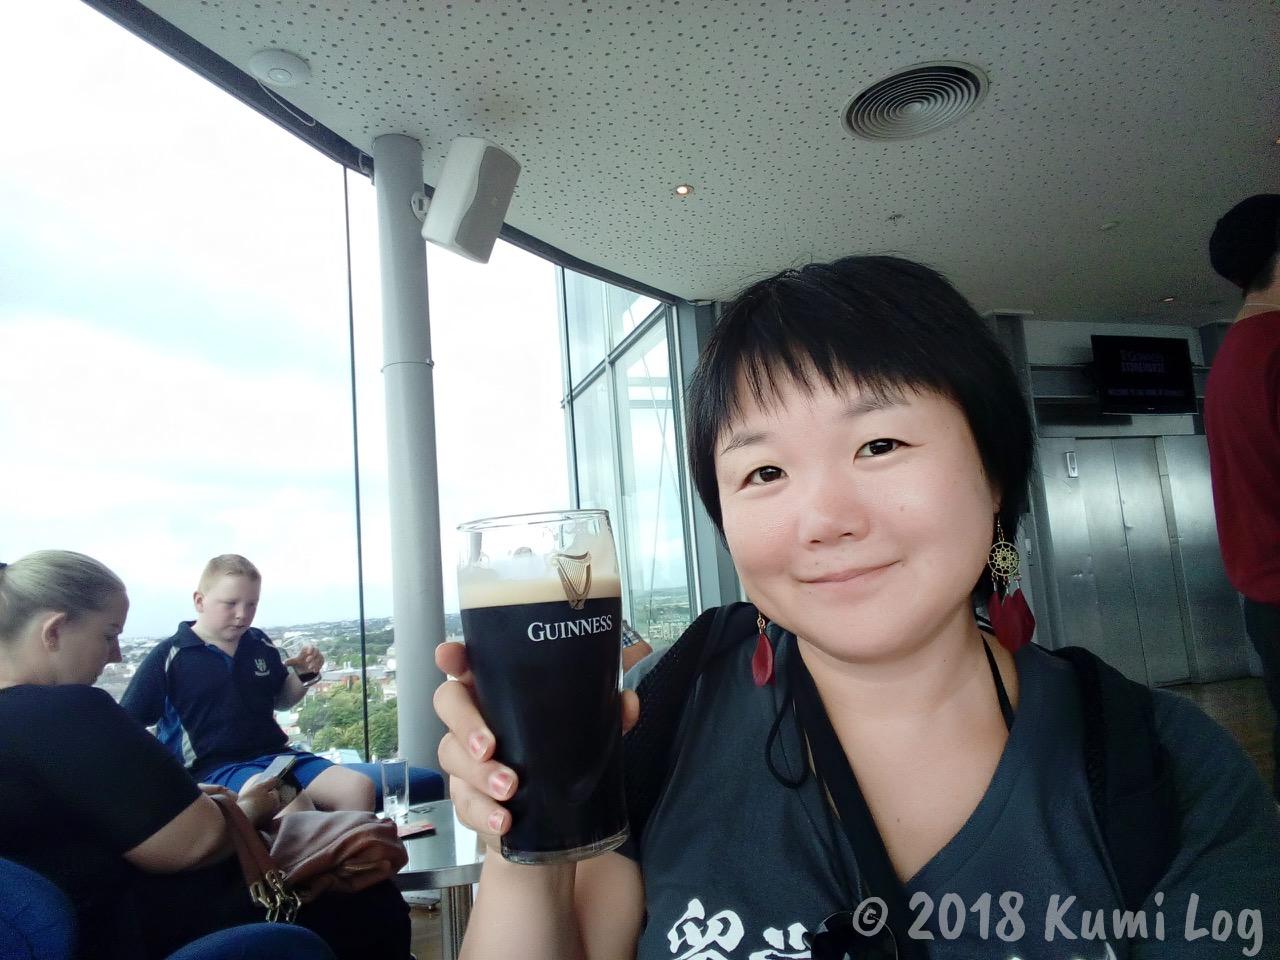 ダブリン・ギネスビールと私